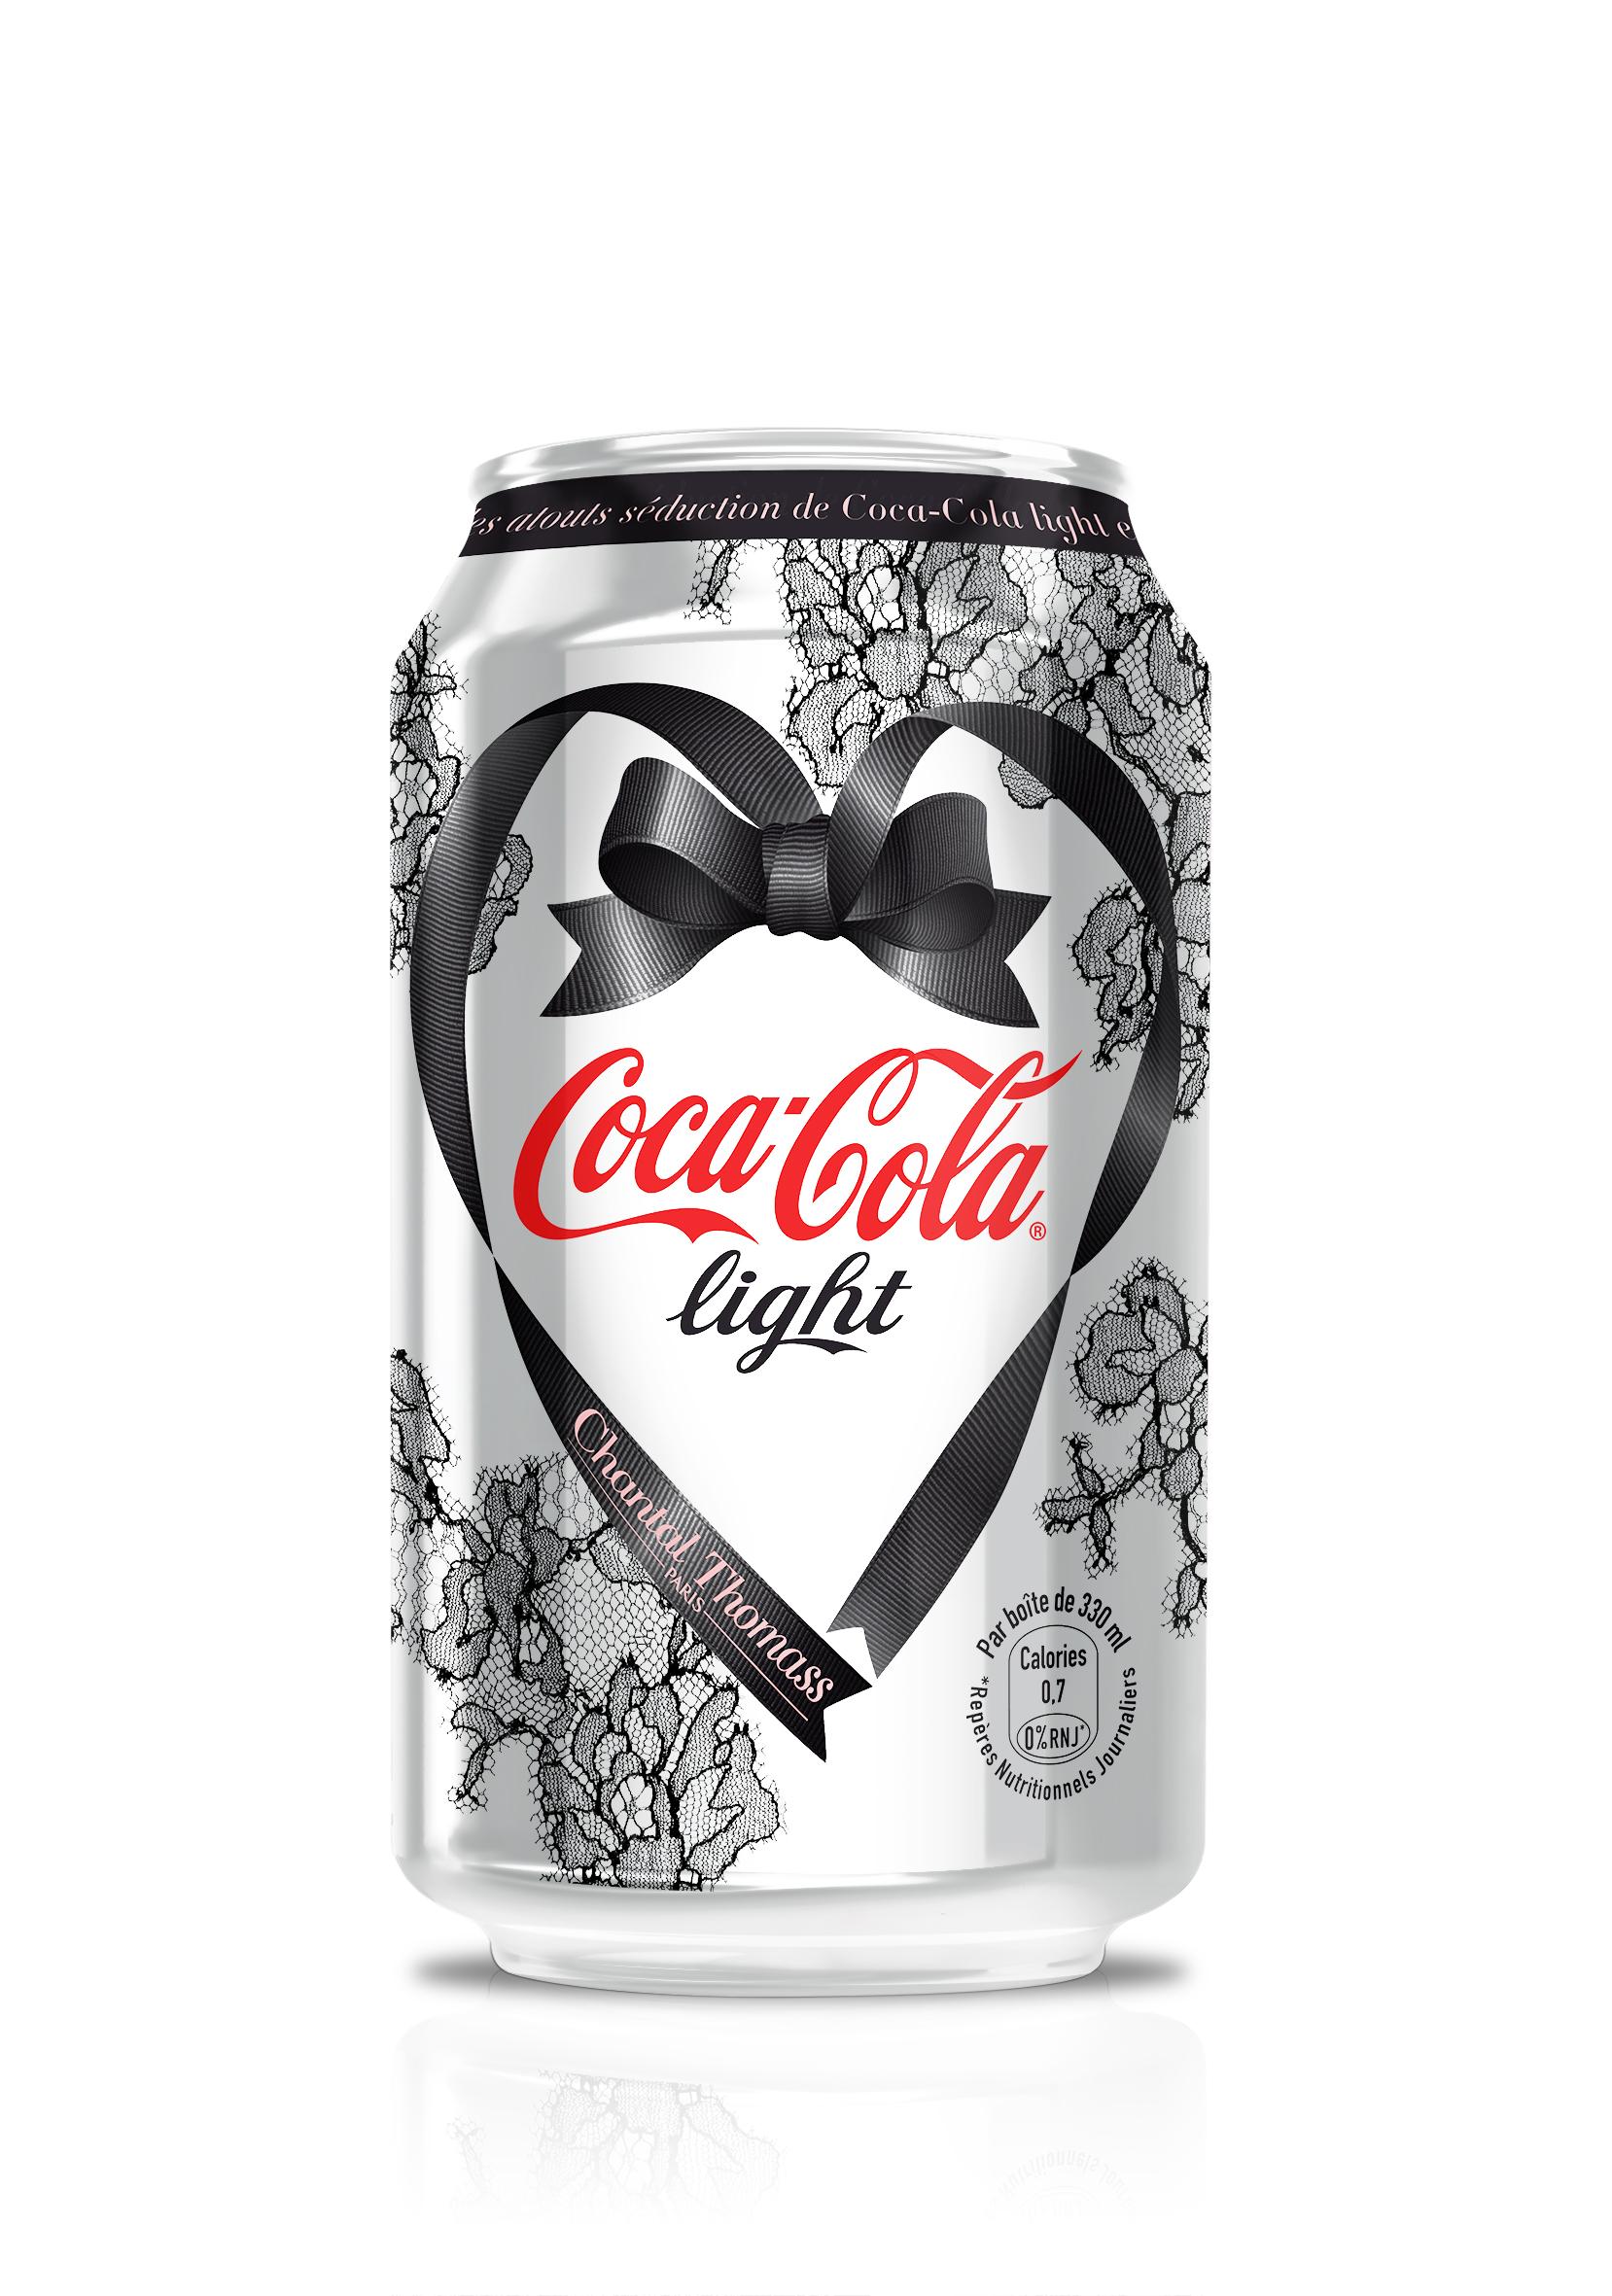 coca cola light par chantal thomass une boissons et liquides. Black Bedroom Furniture Sets. Home Design Ideas